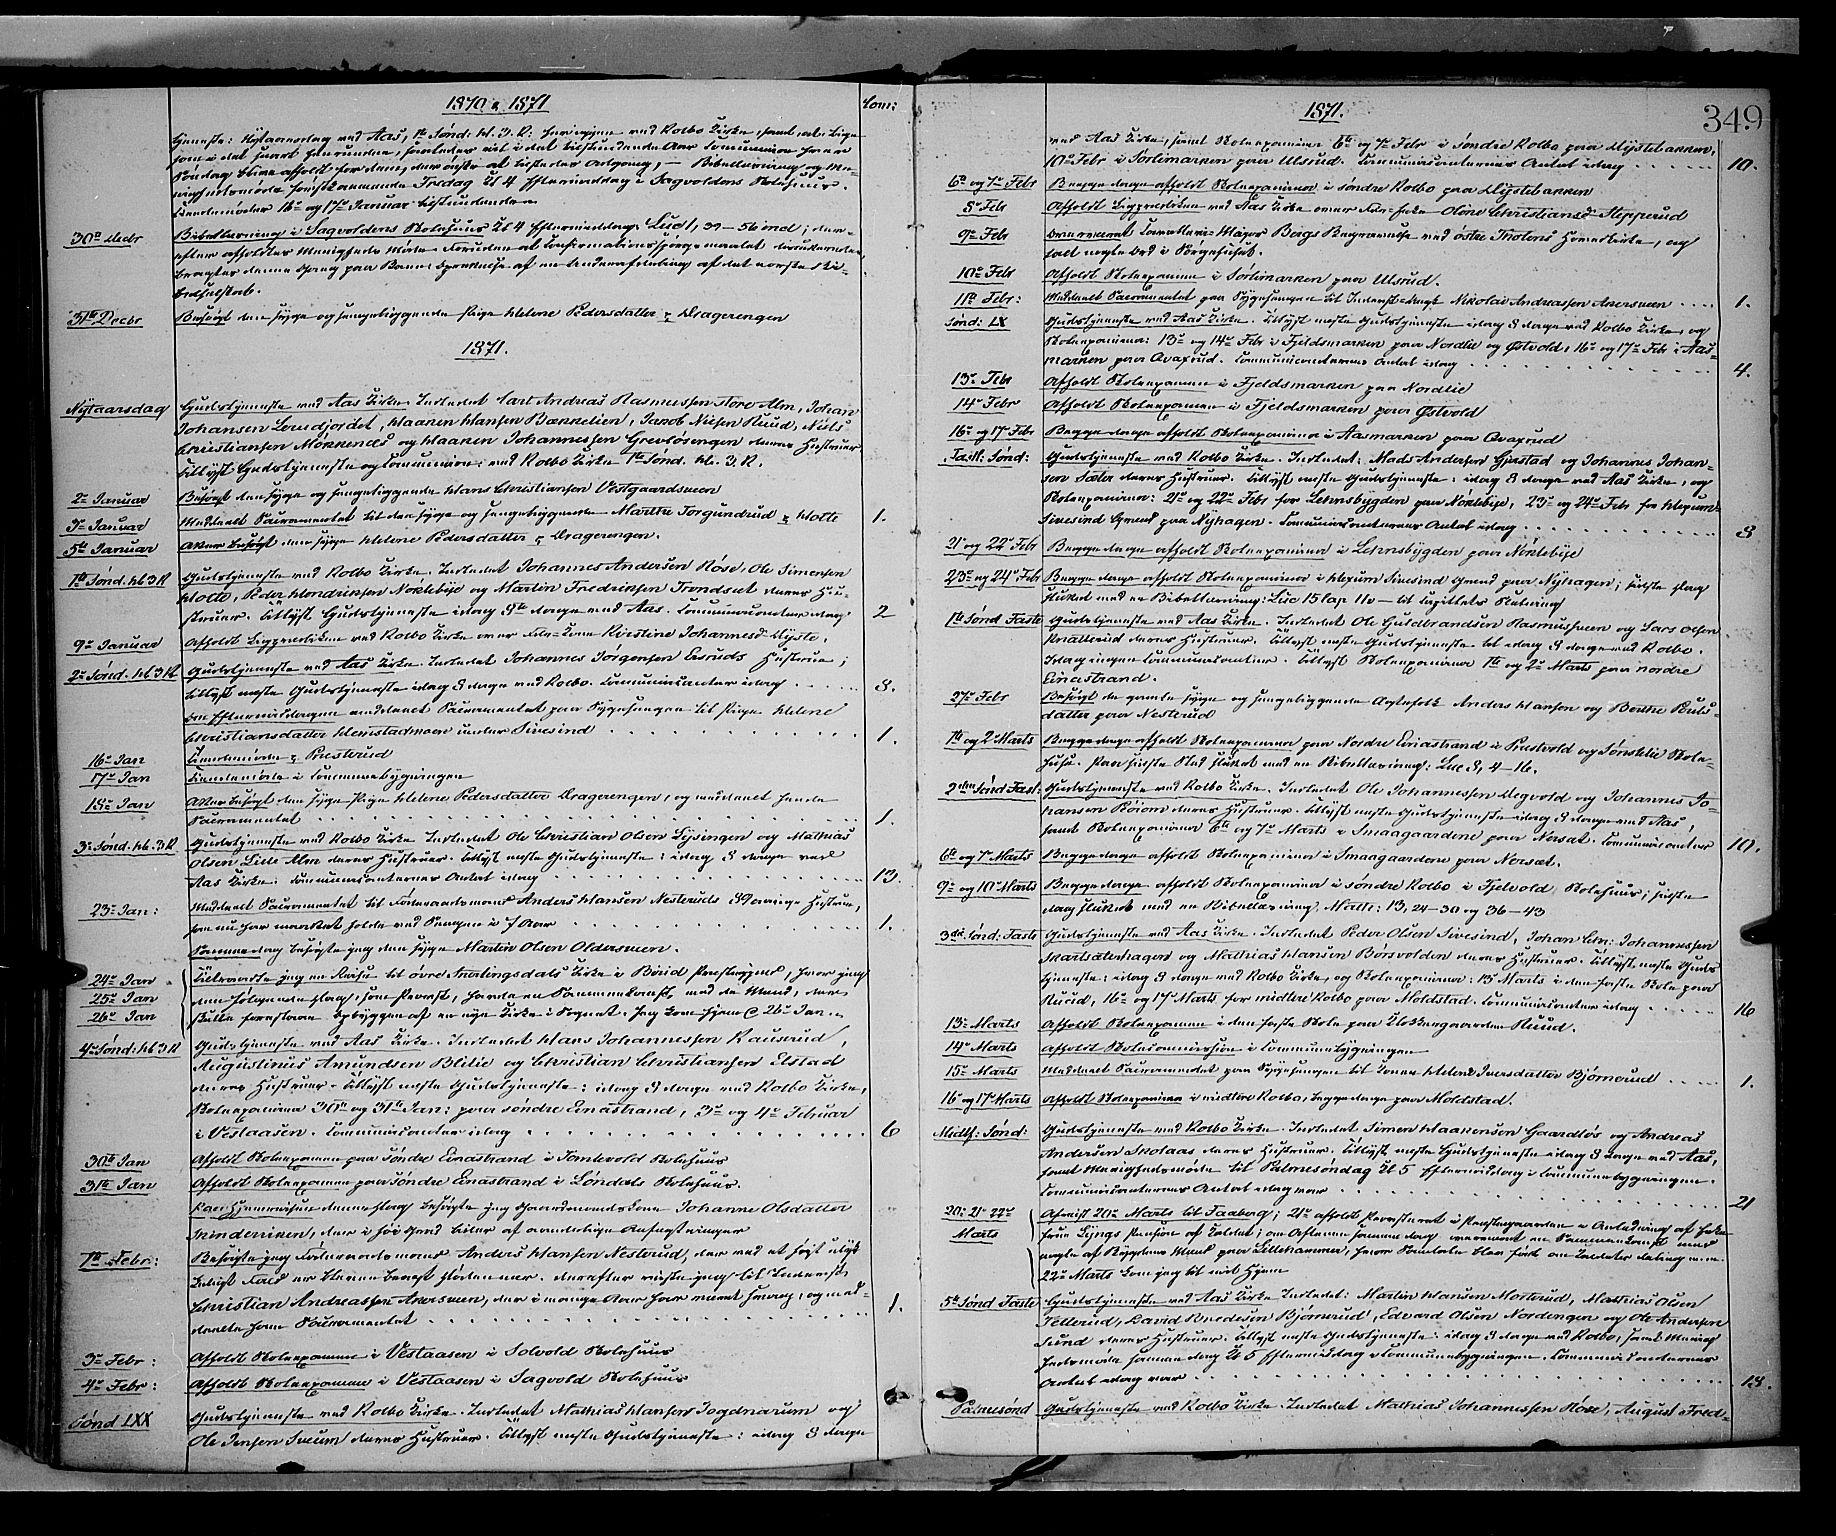 SAH, Vestre Toten prestekontor, Ministerialbok nr. 8, 1870-1877, s. 349